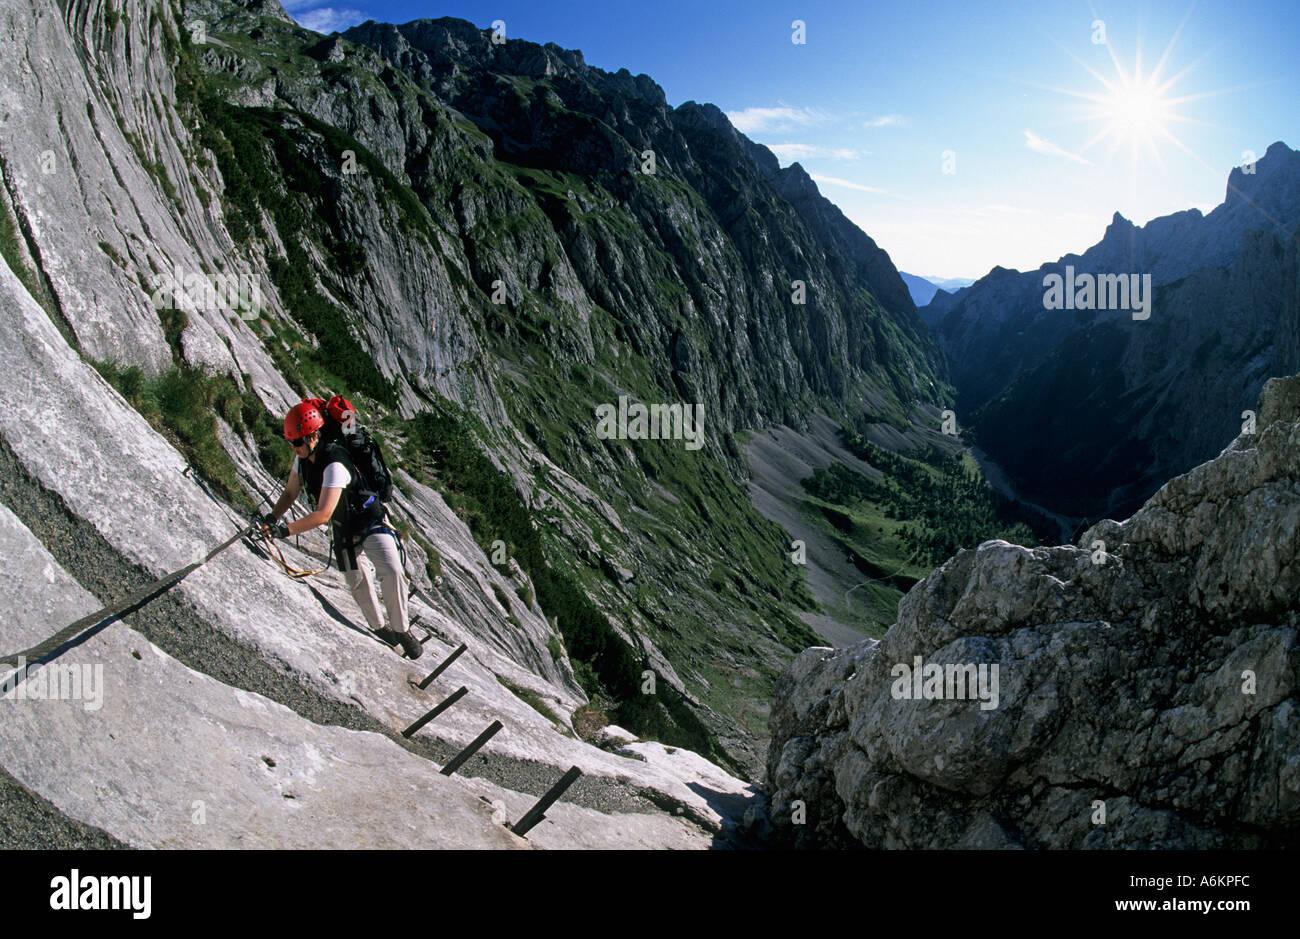 Klettersteig Deutschland : Herr frau klettern den klettersteig zur zugspitze hoellental